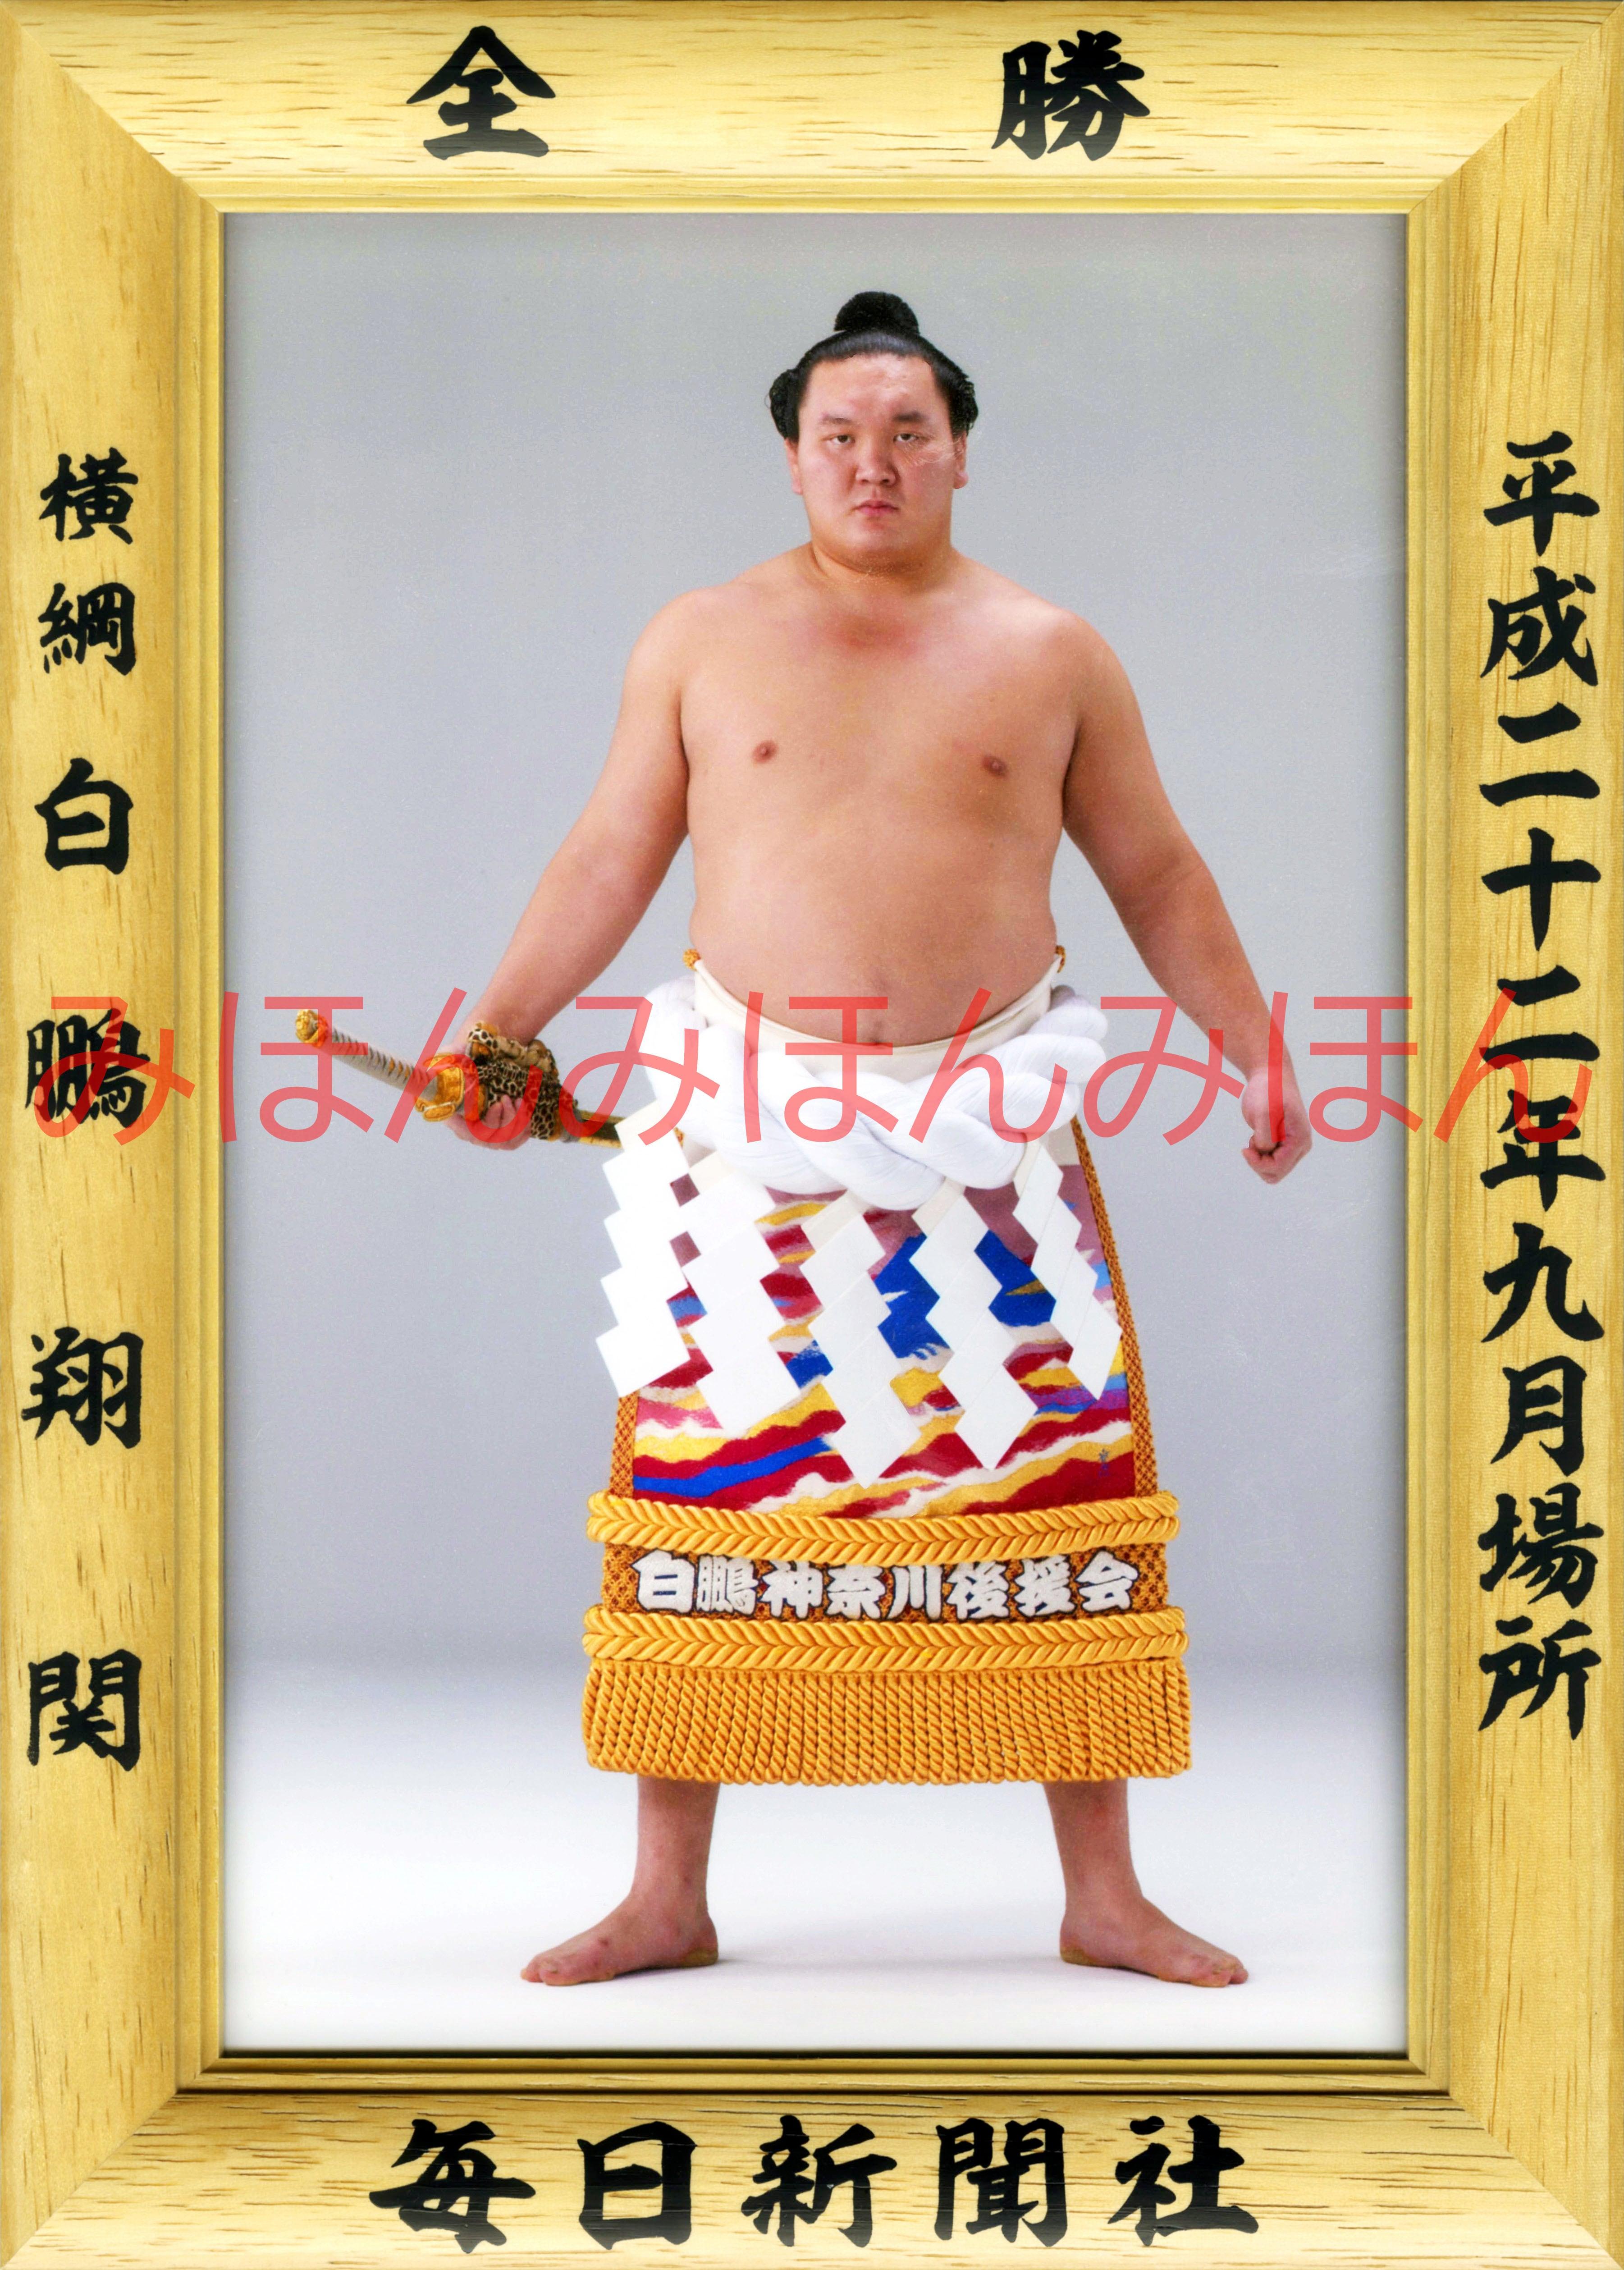 平成22年9月場所全勝 横綱 白鵬翔関(16回目の優勝)